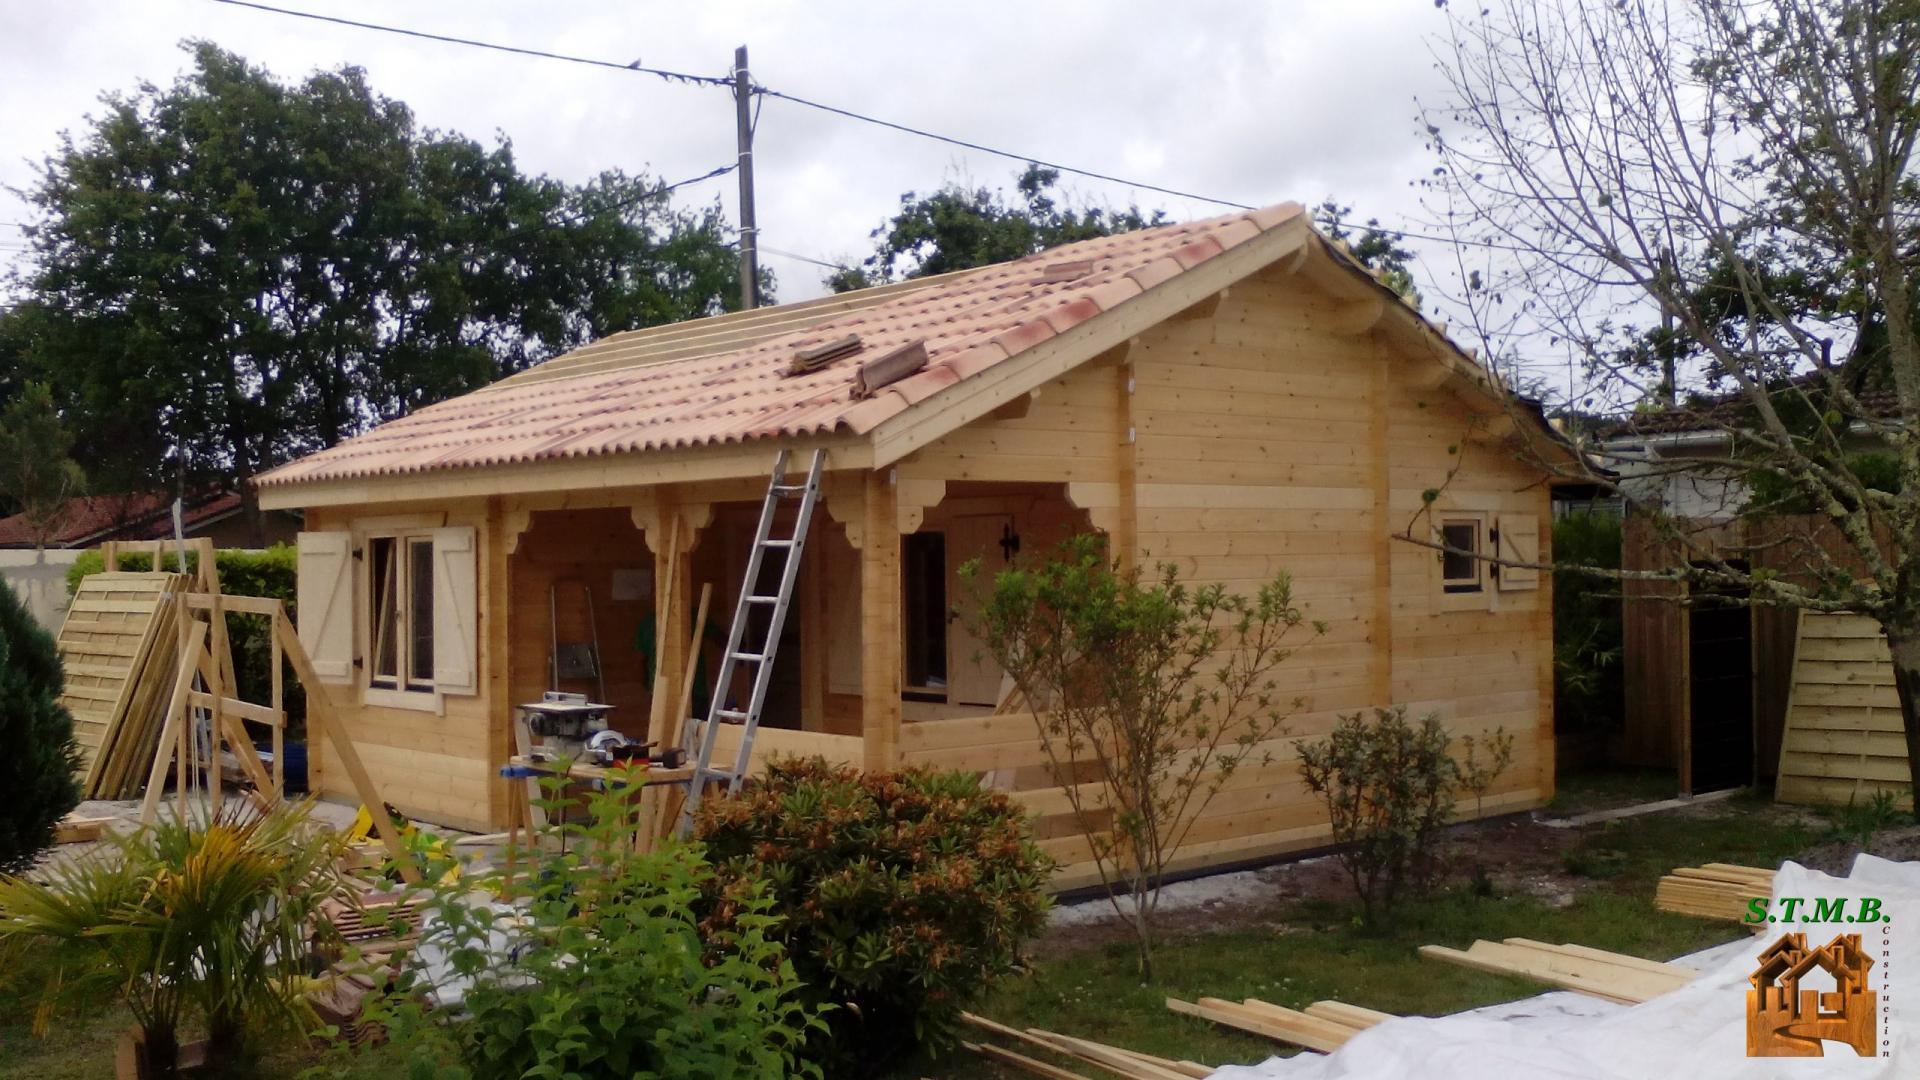 Constructeur Maison En Bois Limoges ▻chalet en bois habitable bordeaux 42 m2 | stmb construction